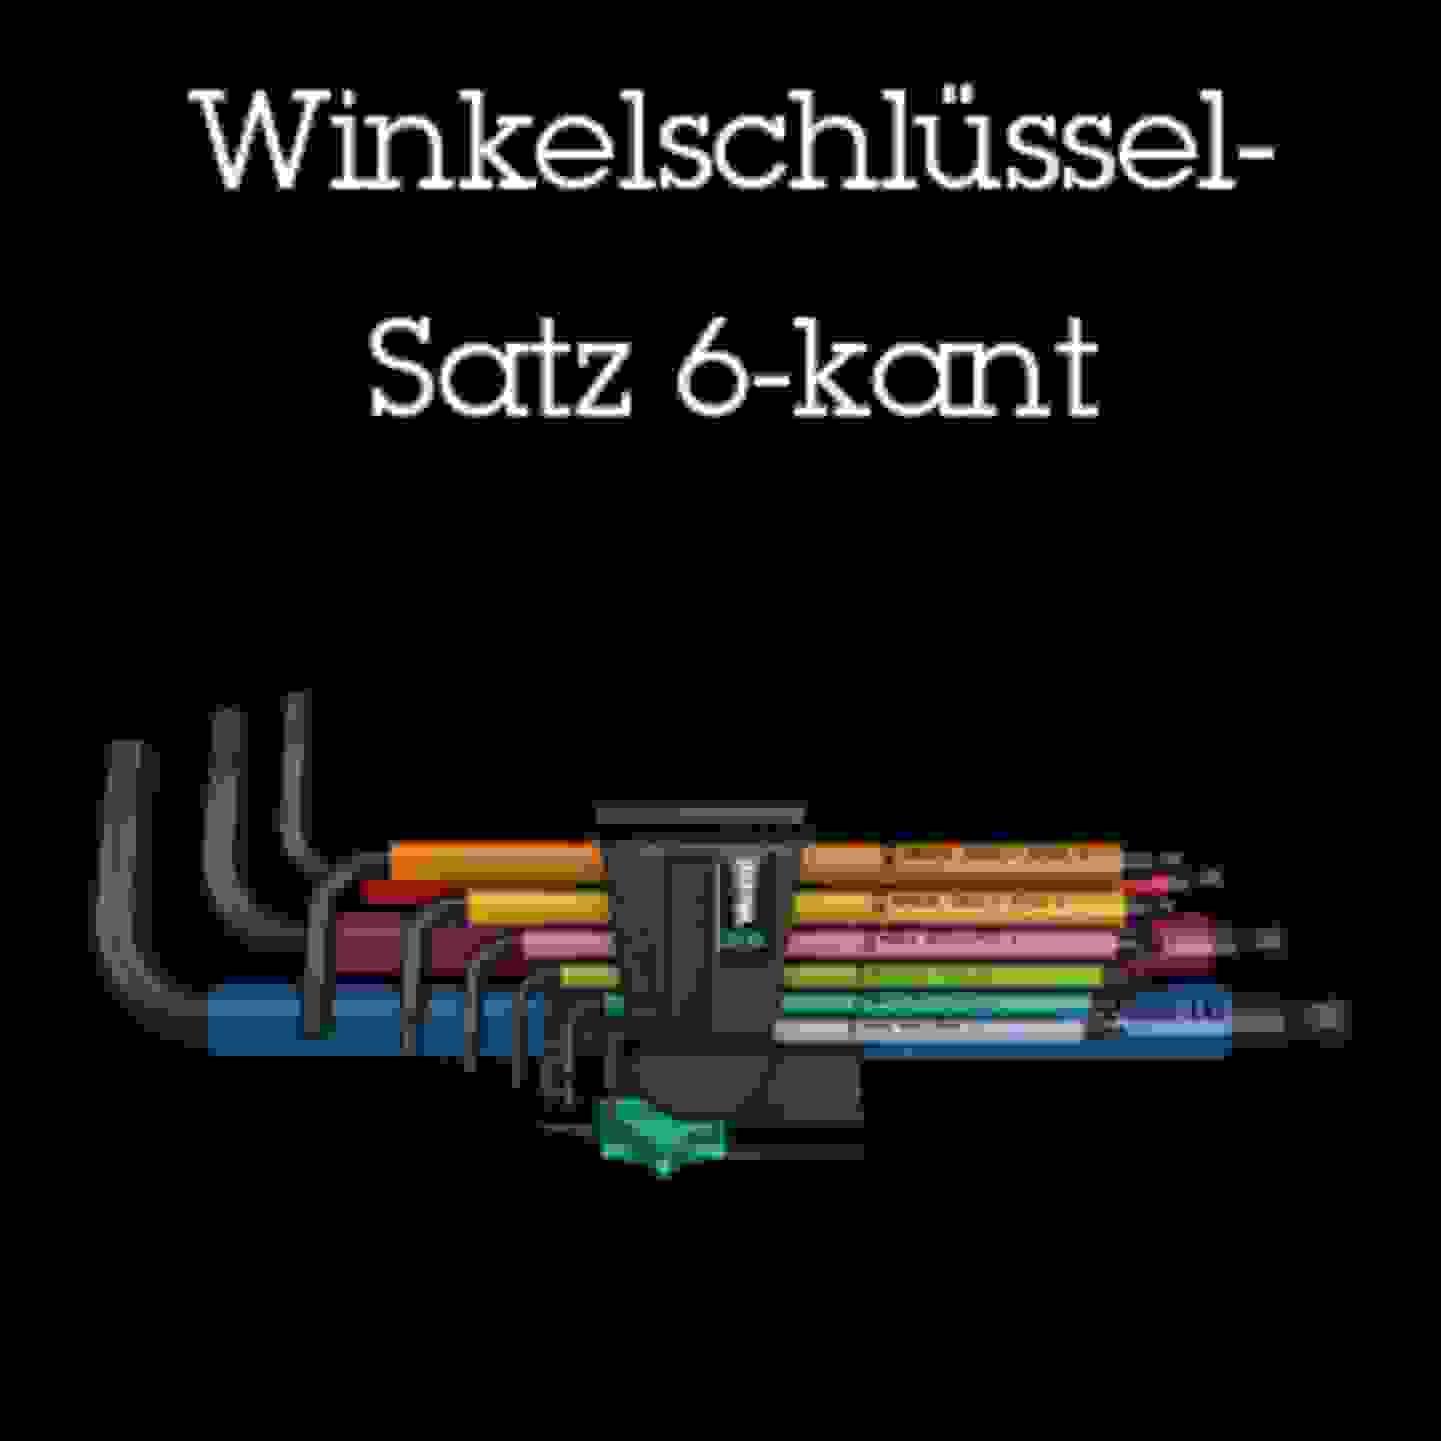 Winkelschlüssel-Satz 6-kant